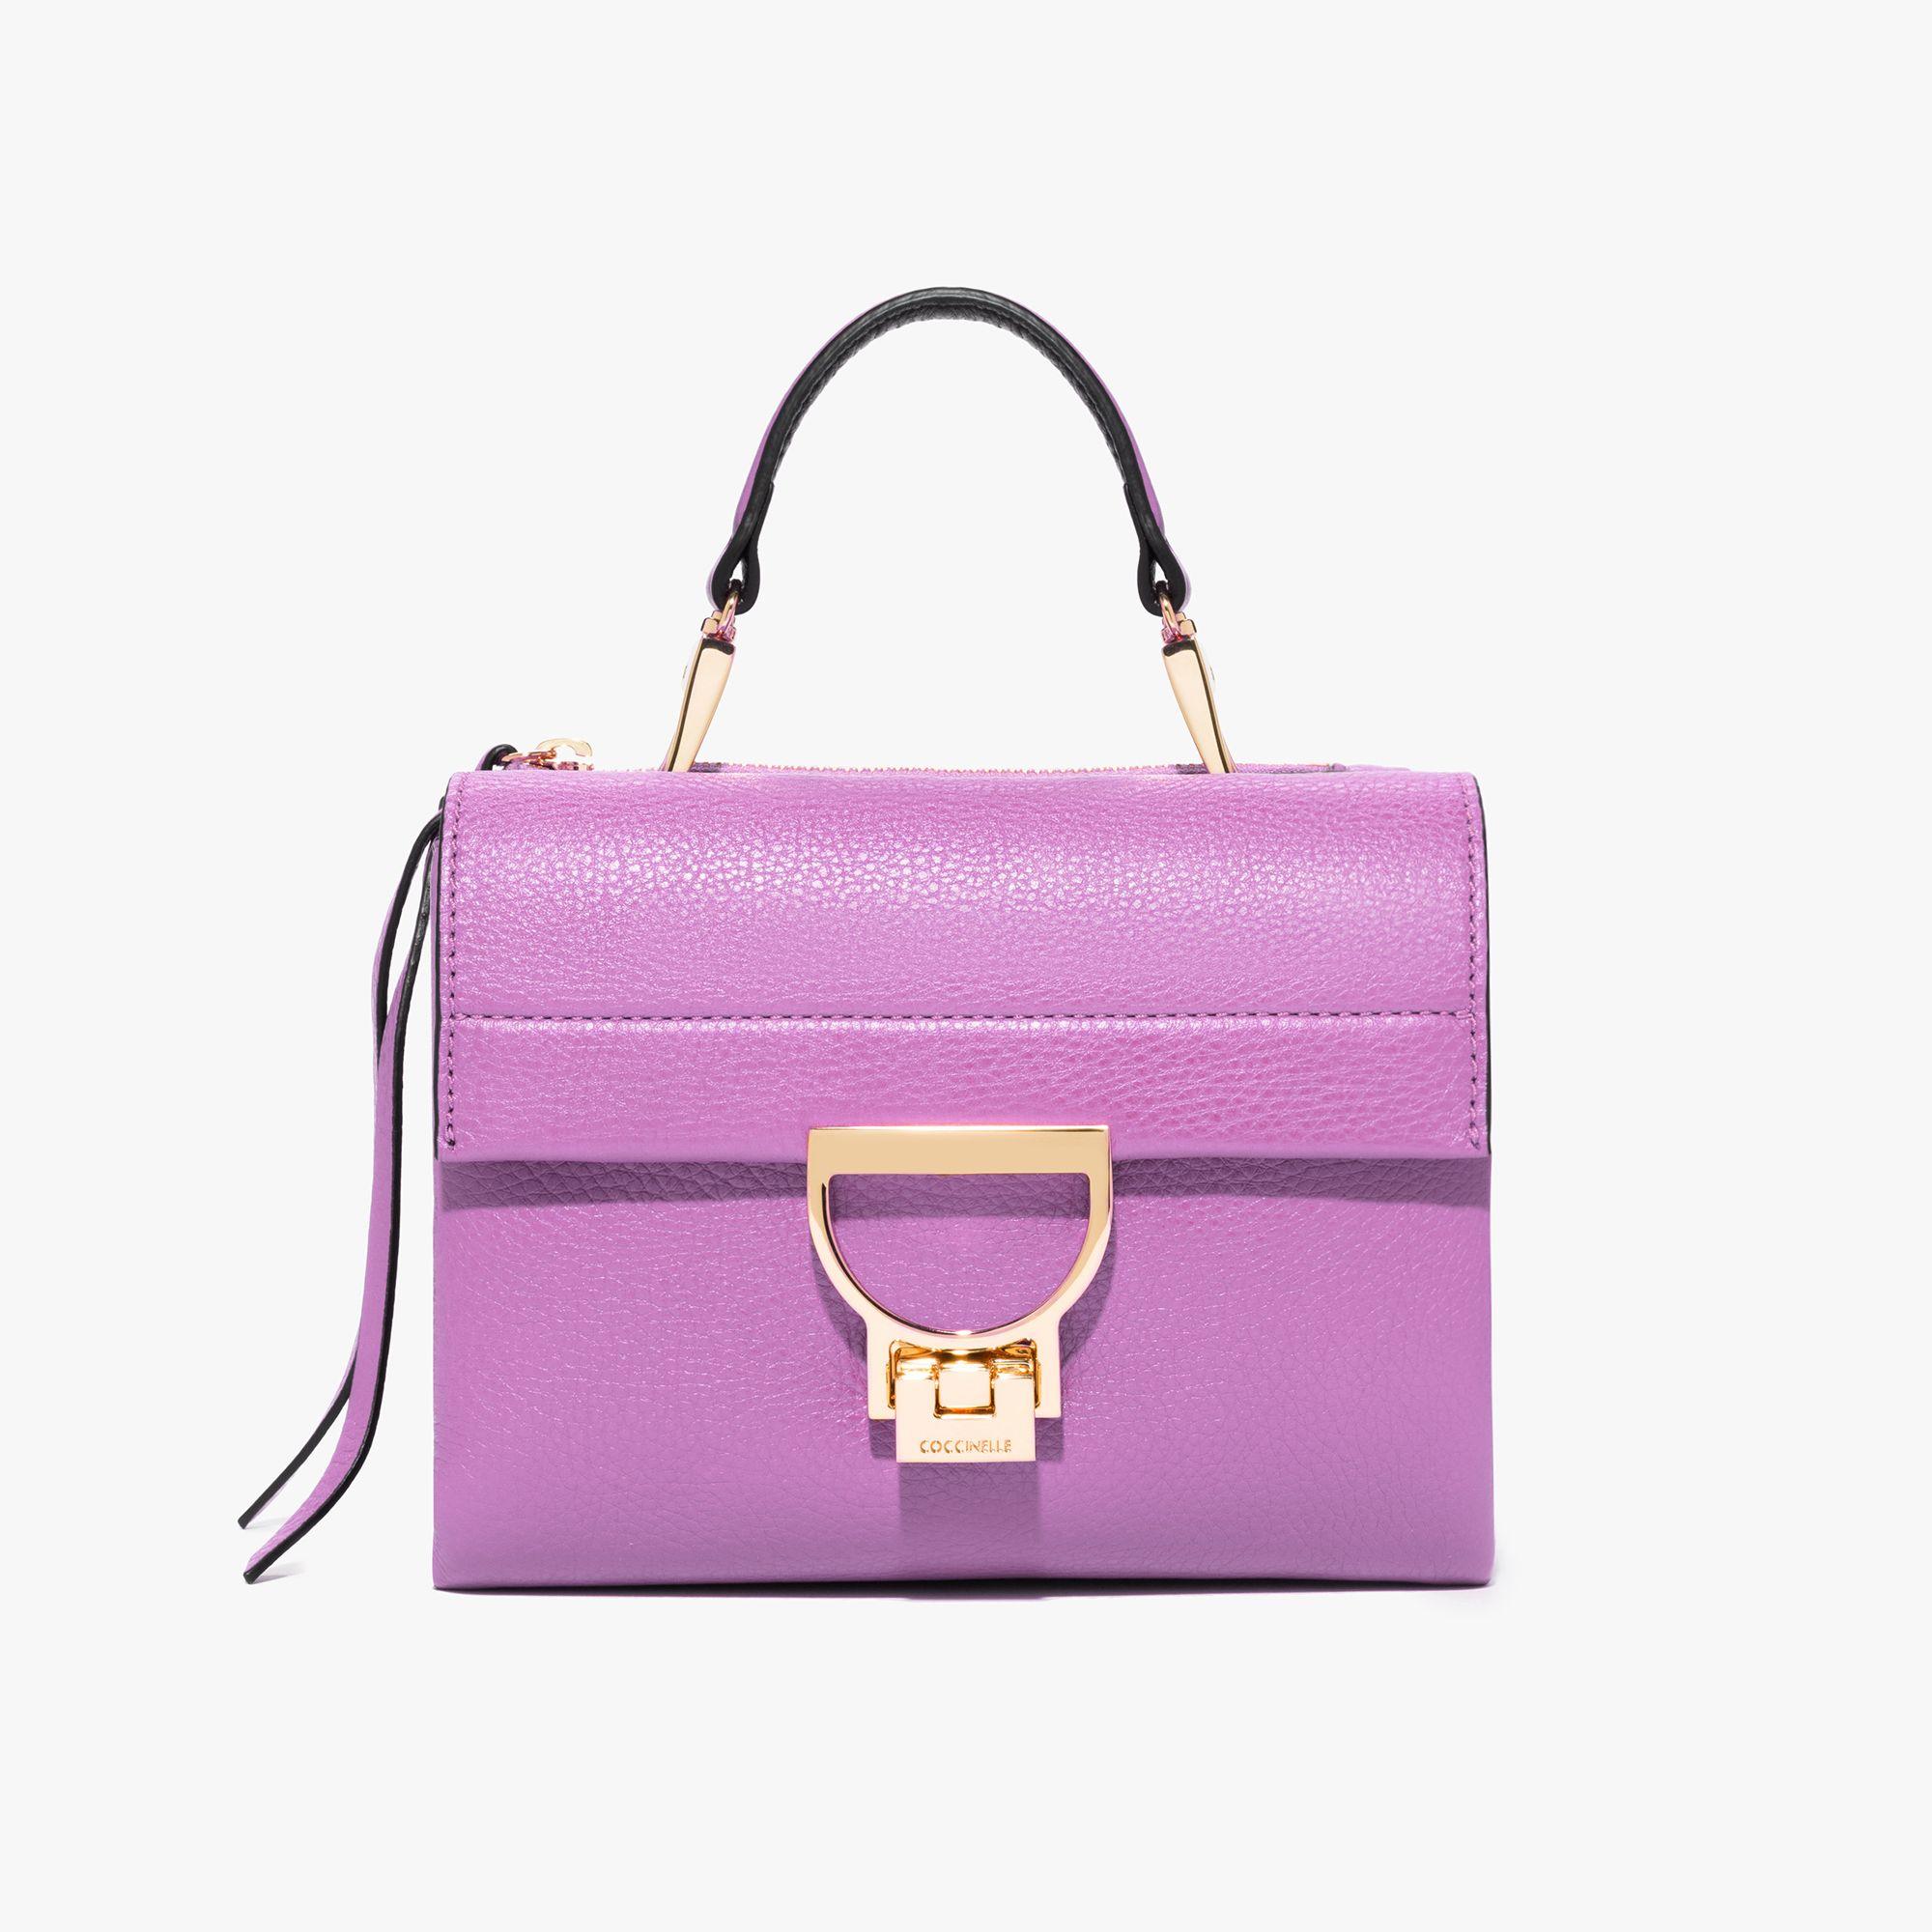 748fa2137 Arlettis leather mini bag   BAGS+SHOES   Bags, Mini Bag και Purses